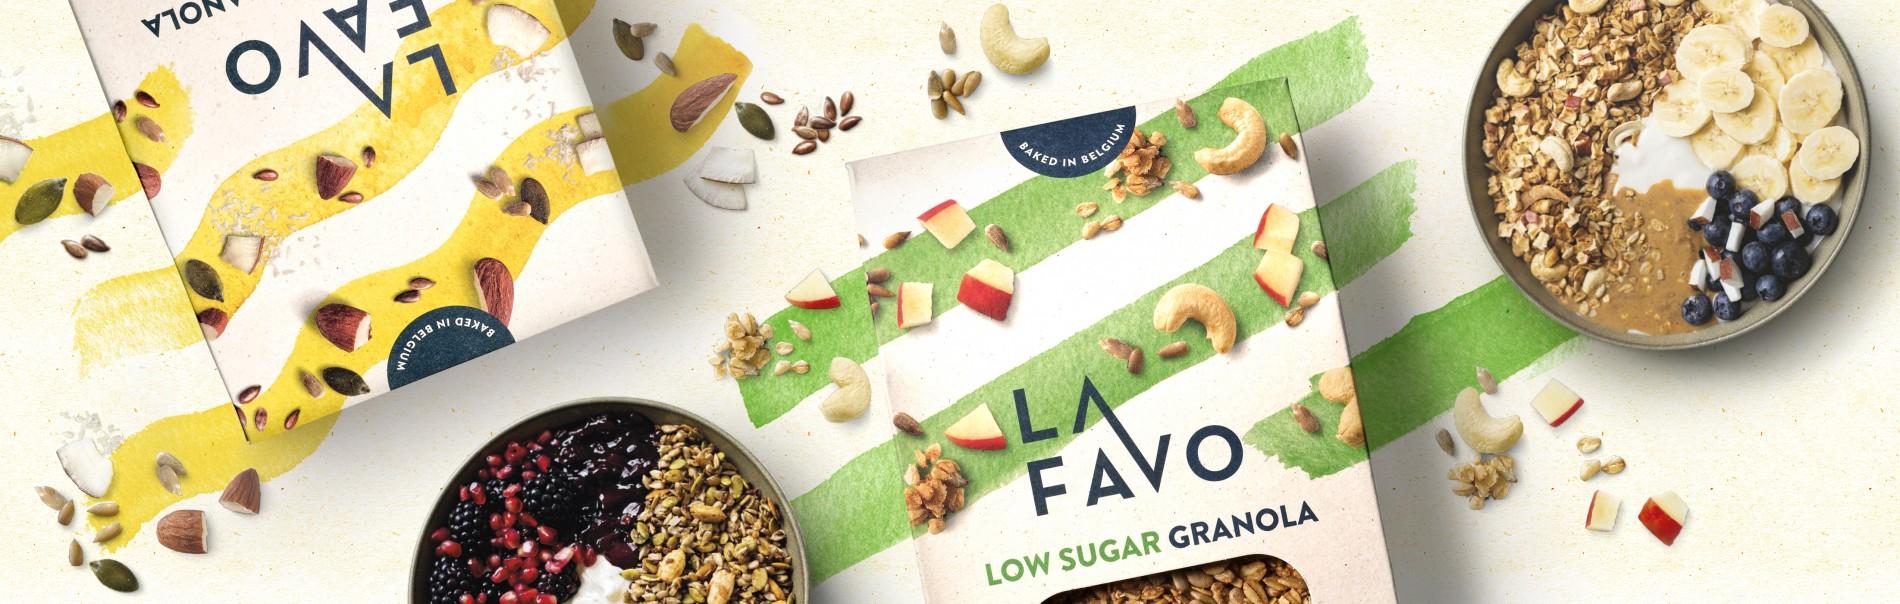 Quatre Mains package design - Package design low sugar, granola, la favo